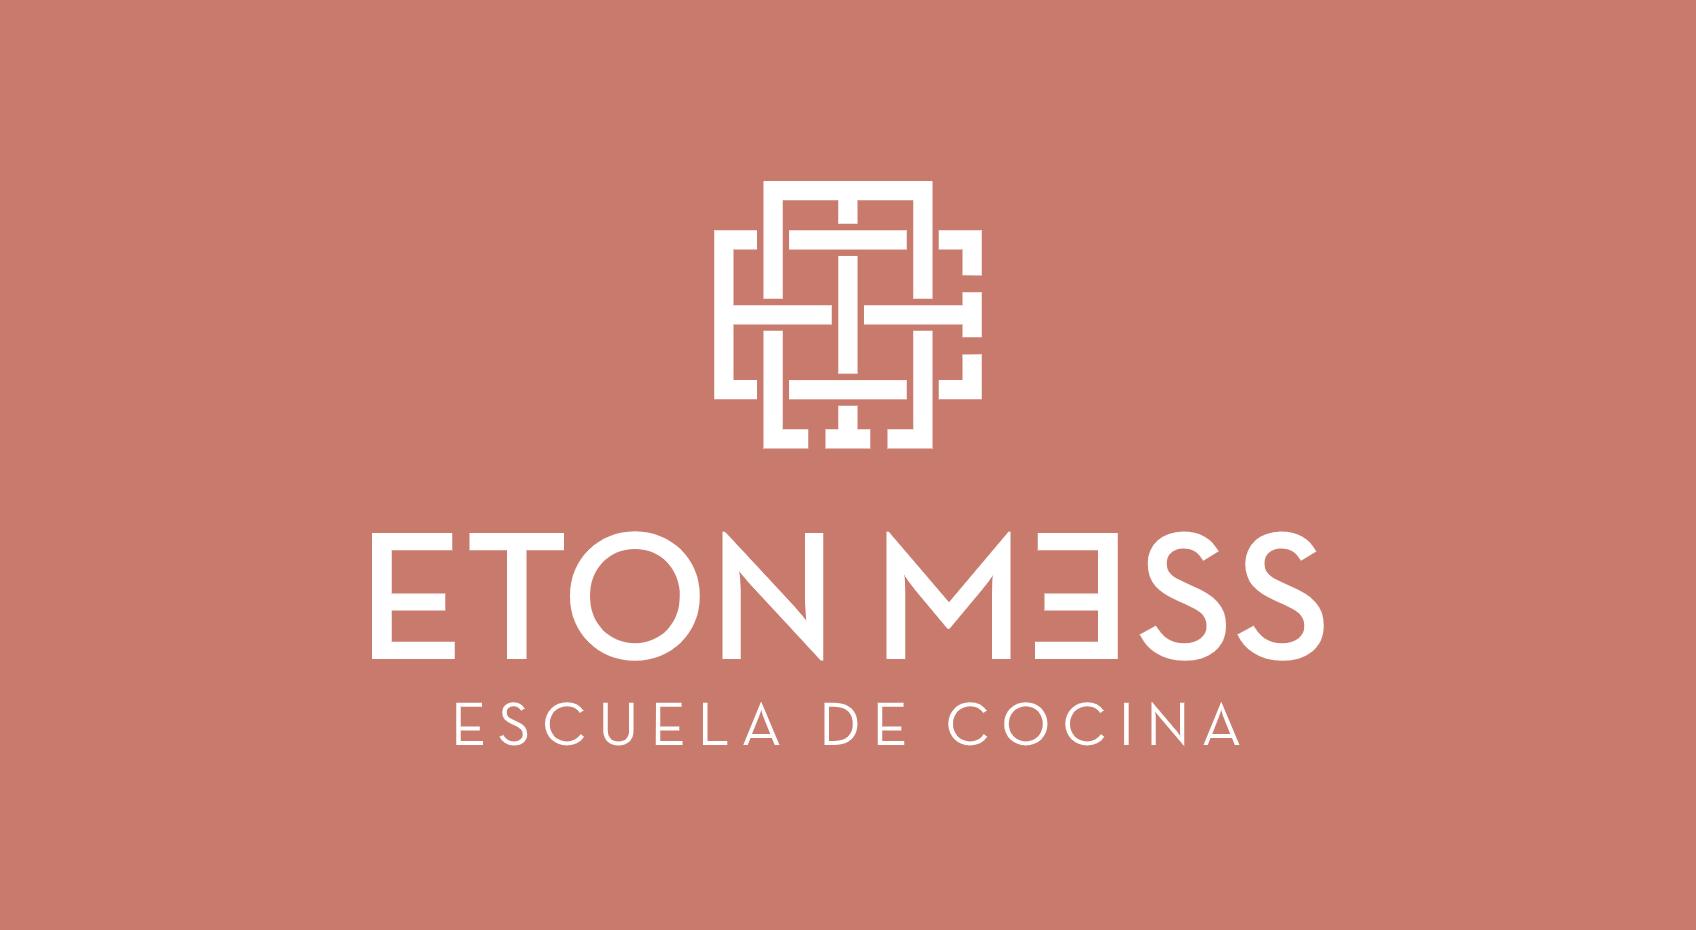 Eton Mess